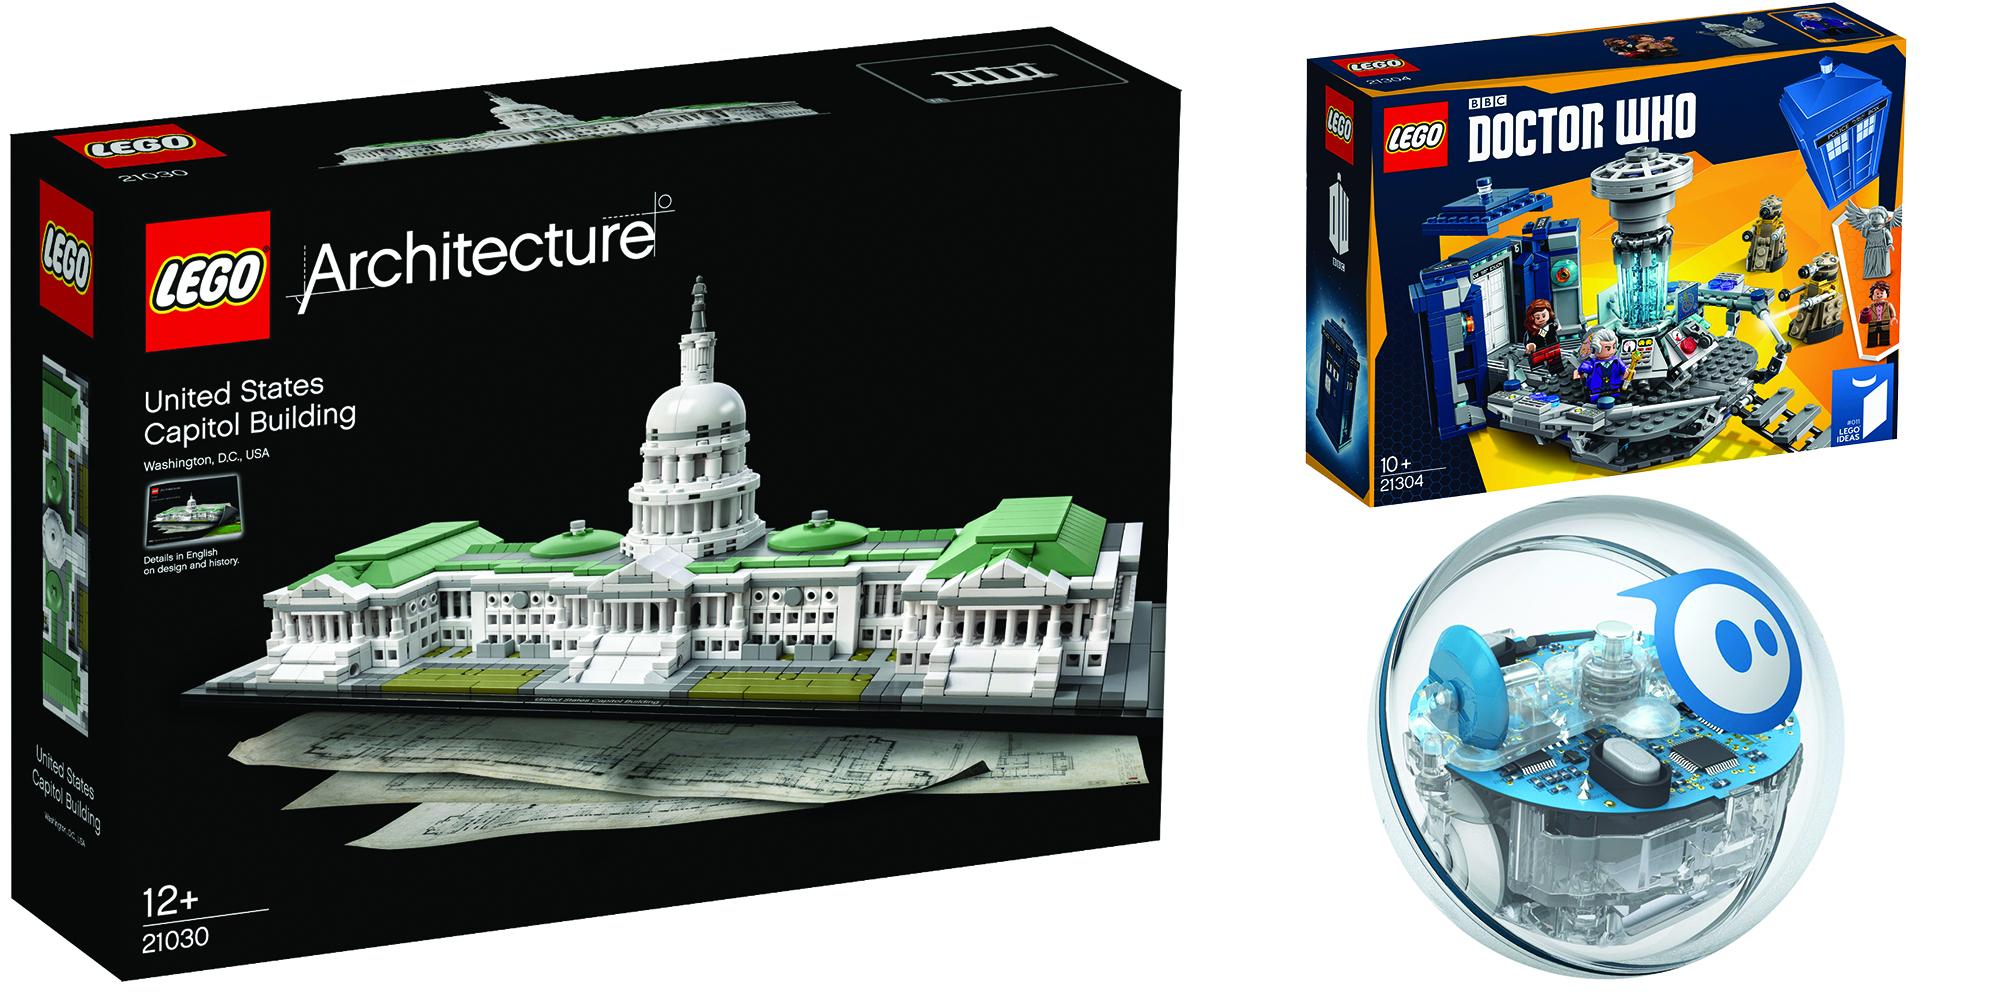 barnes-noble-lego-deals